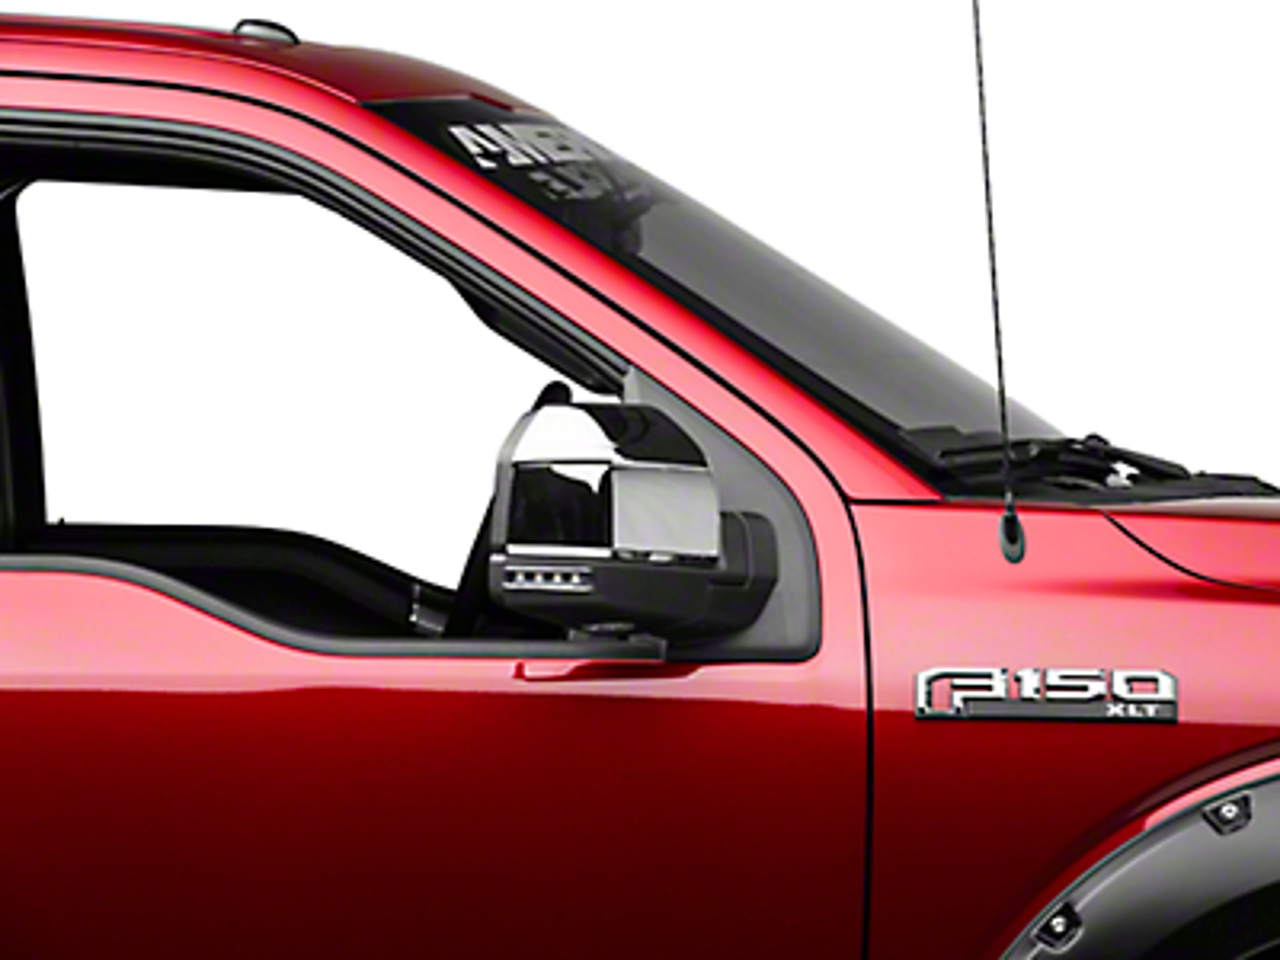 Carrichs ABS Mirror Covers - Chrome (15-17 w/ Standard Mirrors)